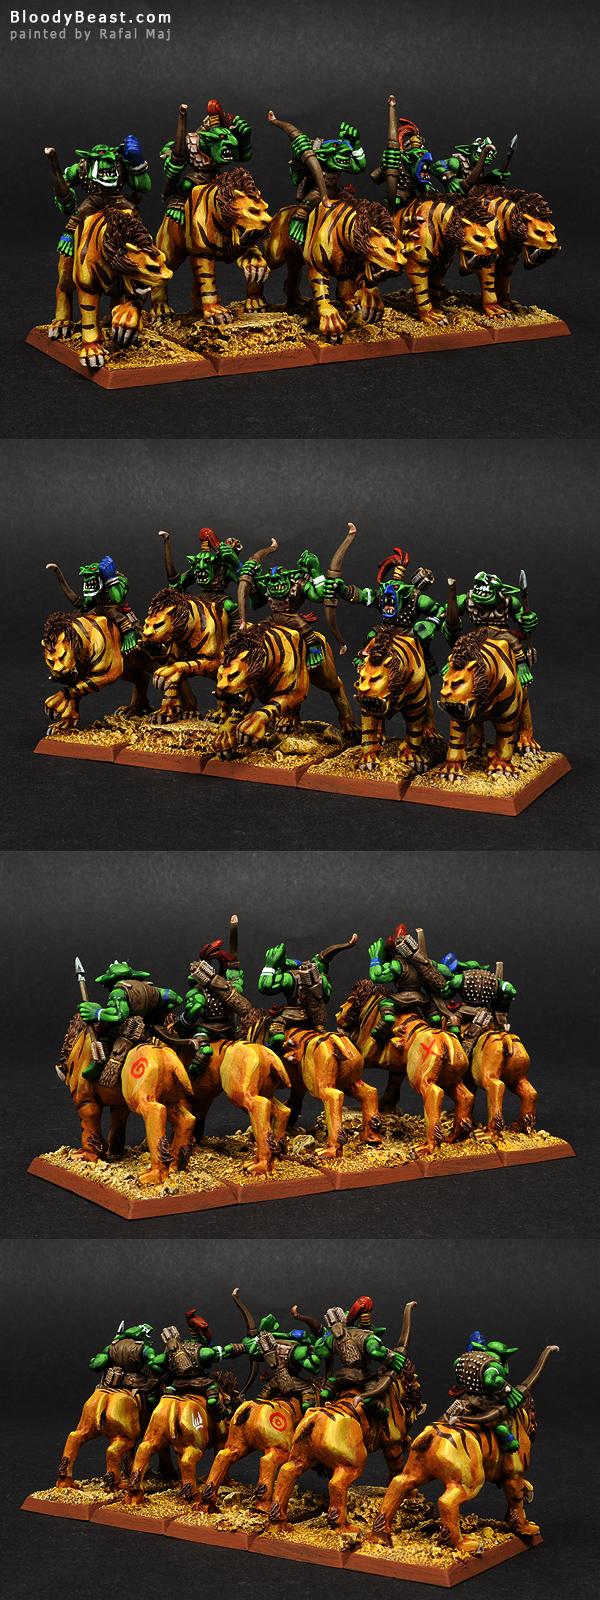 Savage Goblins Sabertusk Riders painted by Rafal Maj (BloodyBeast.com)